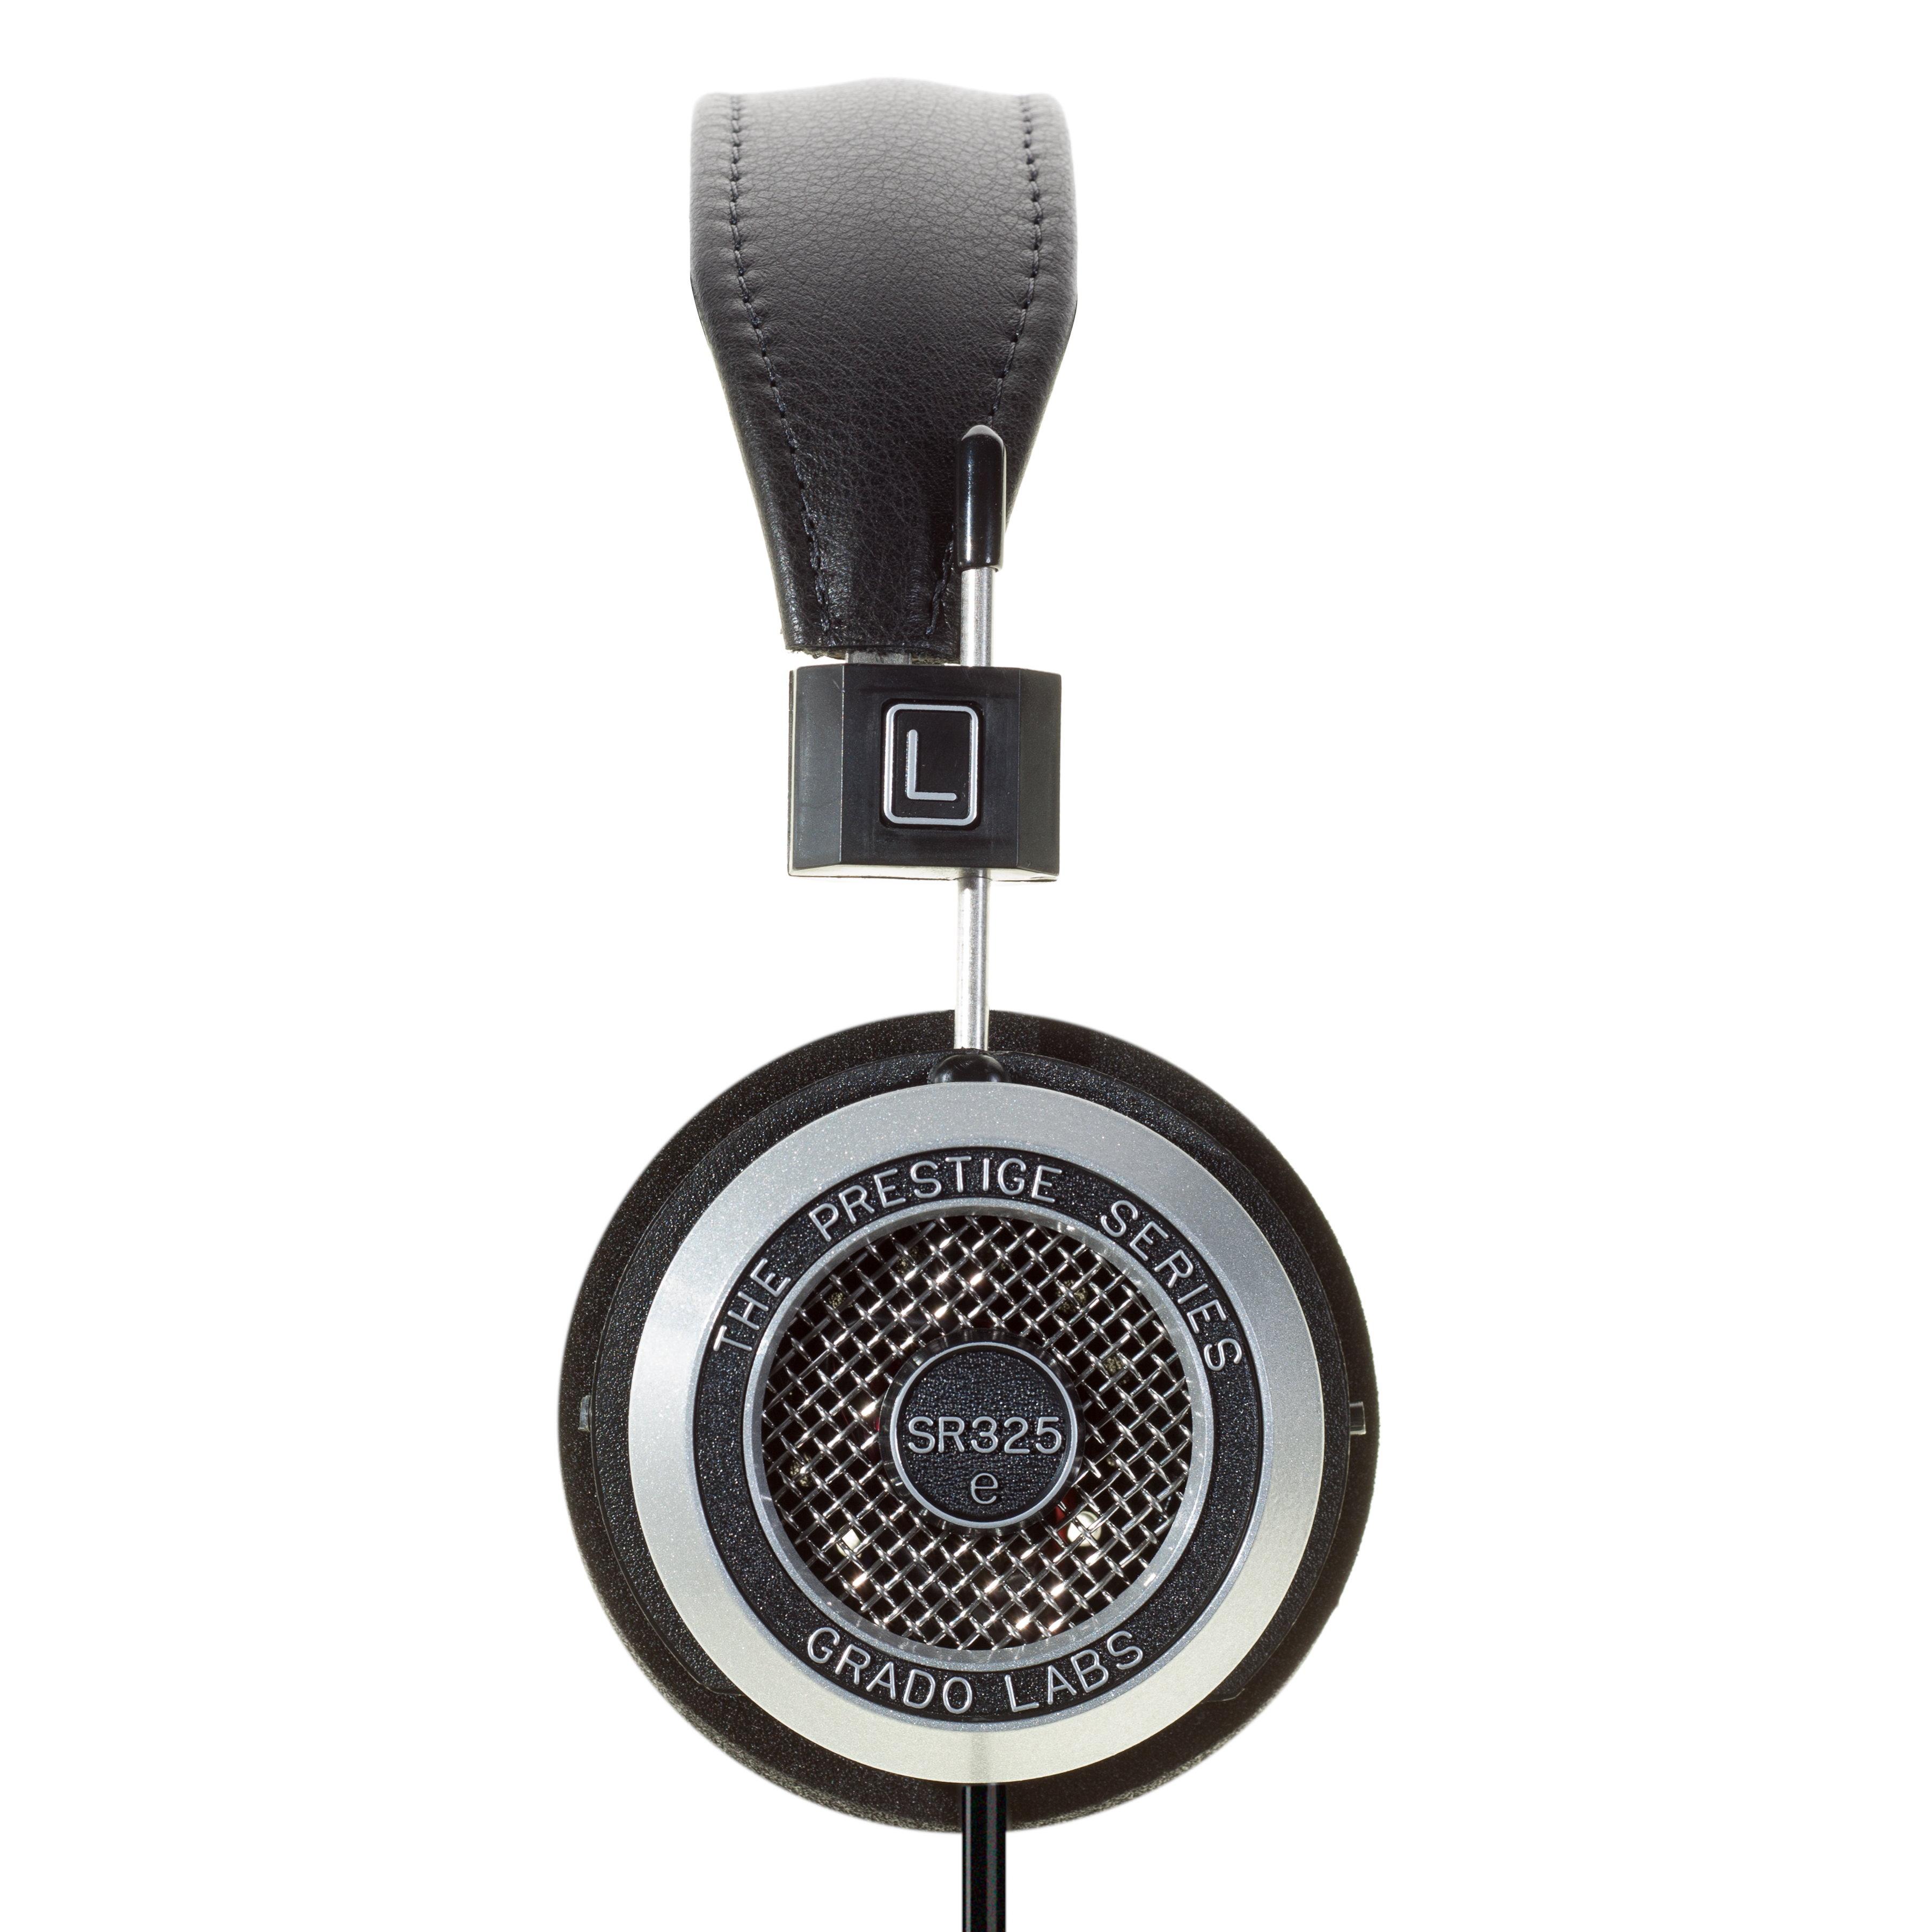 Grado Prestige SR 325e Headphones